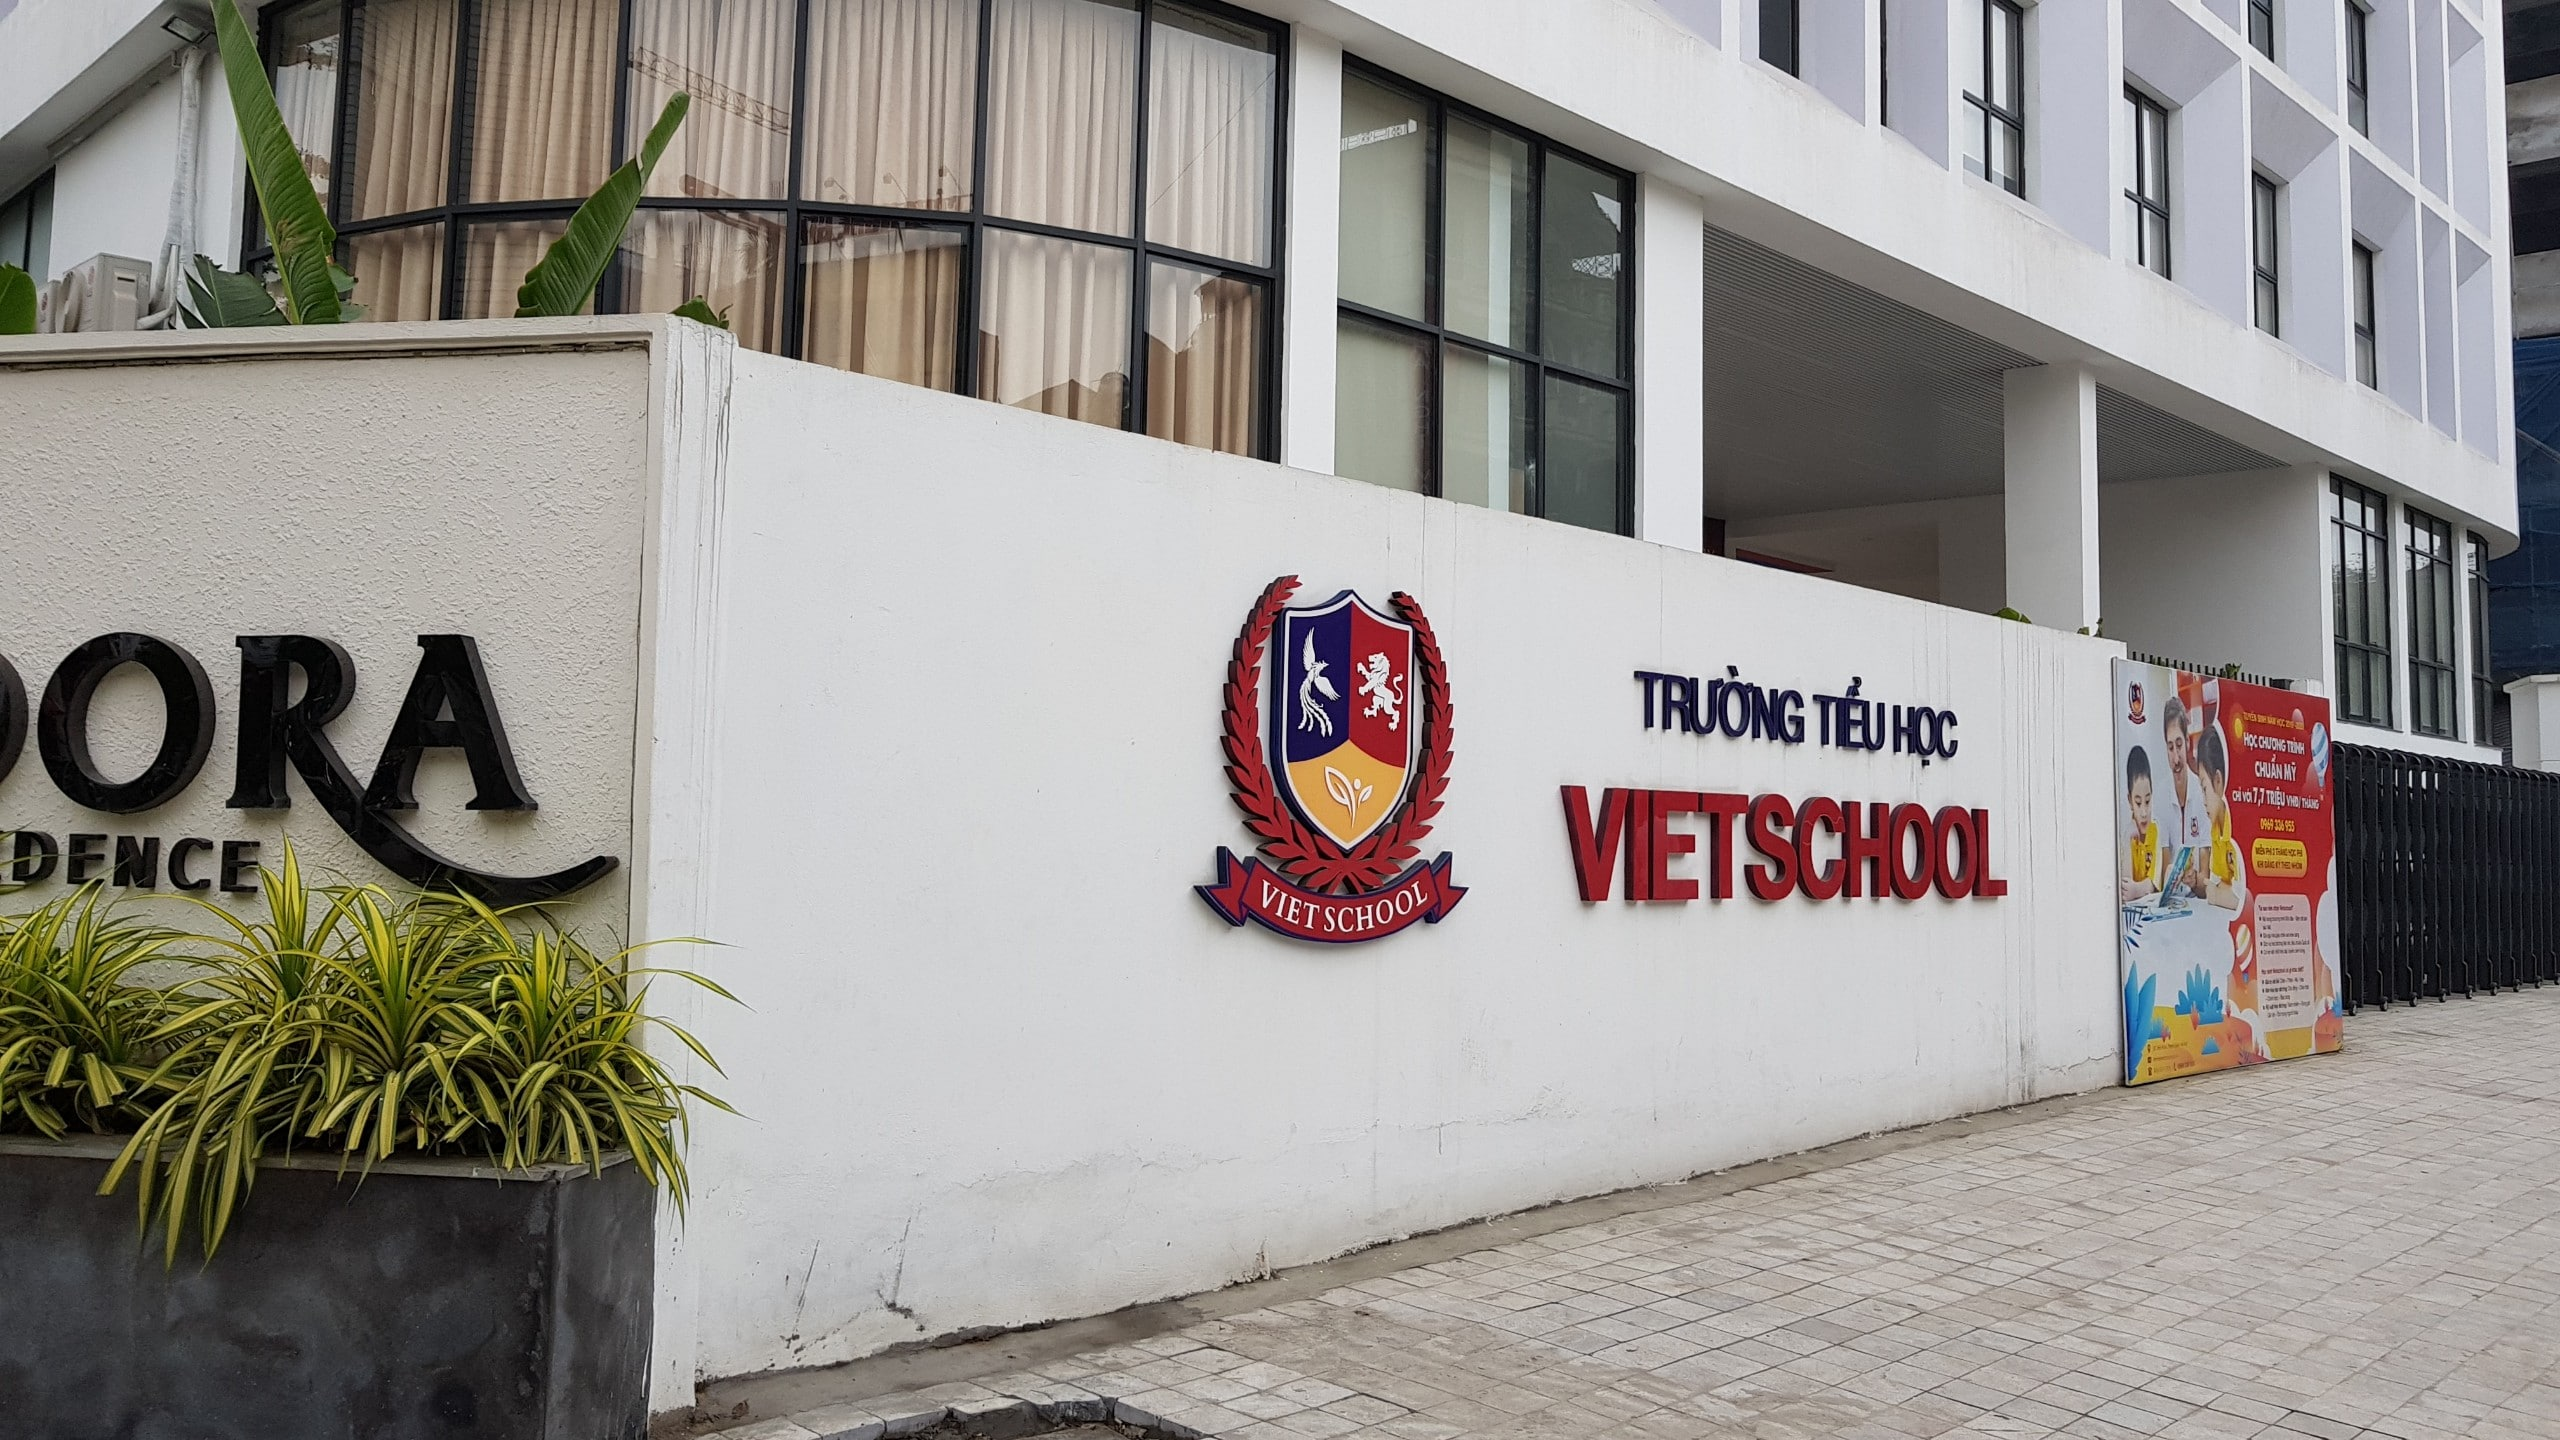 Chung cư PCC1 Thanh Xuân trường tiểu học quốc tế vietschool